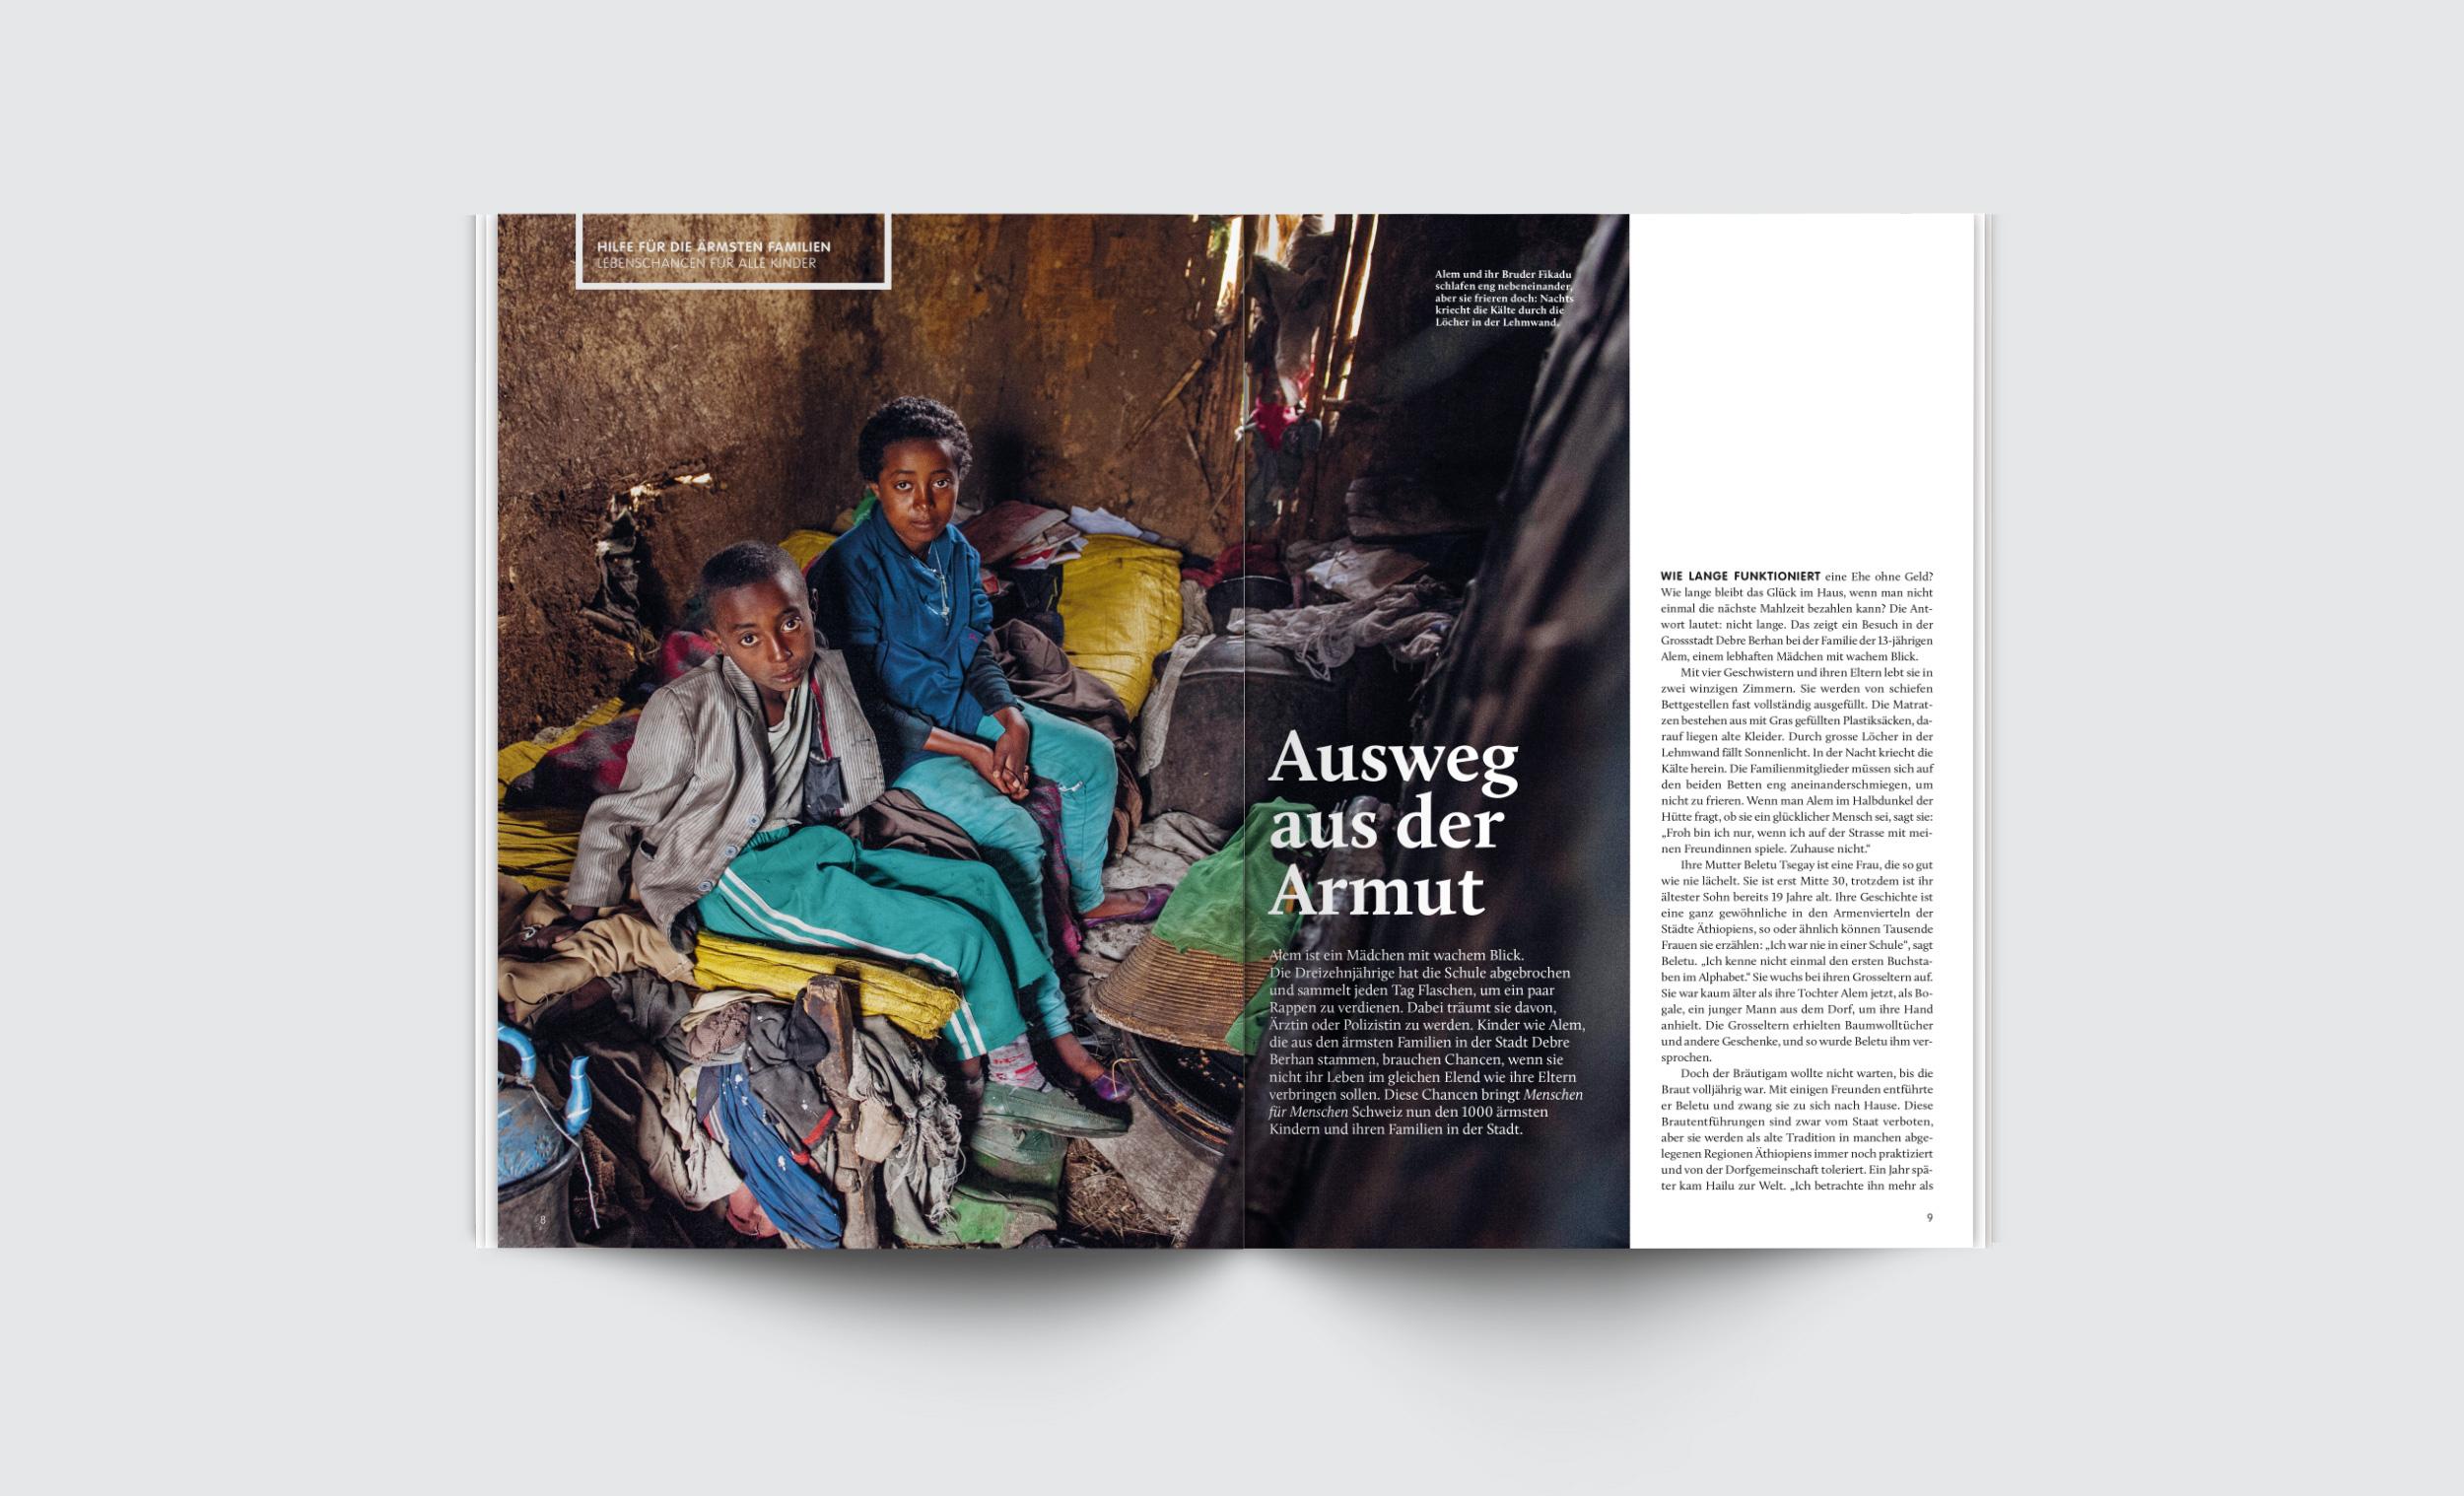 Nagaya Magazin Schweiz - Bohm und Nonnen & Bohm Nonnen Urhahn